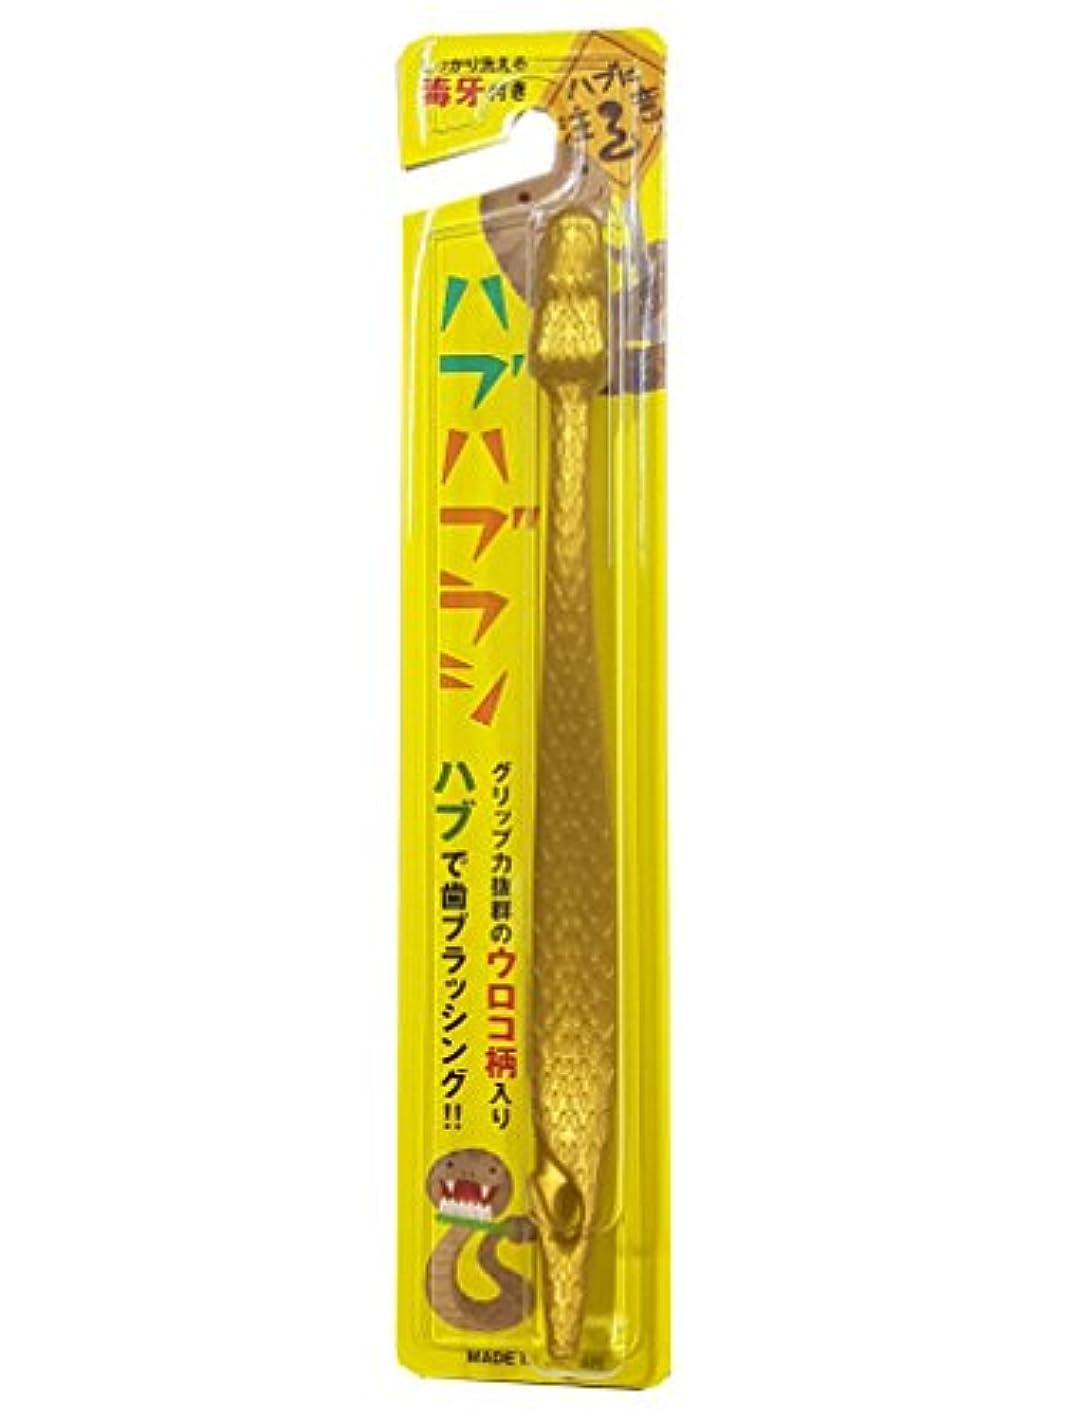 社会学ディレクトリゴミハブハブラシ (金 色) 沖縄 はぶ 歯ブラシ